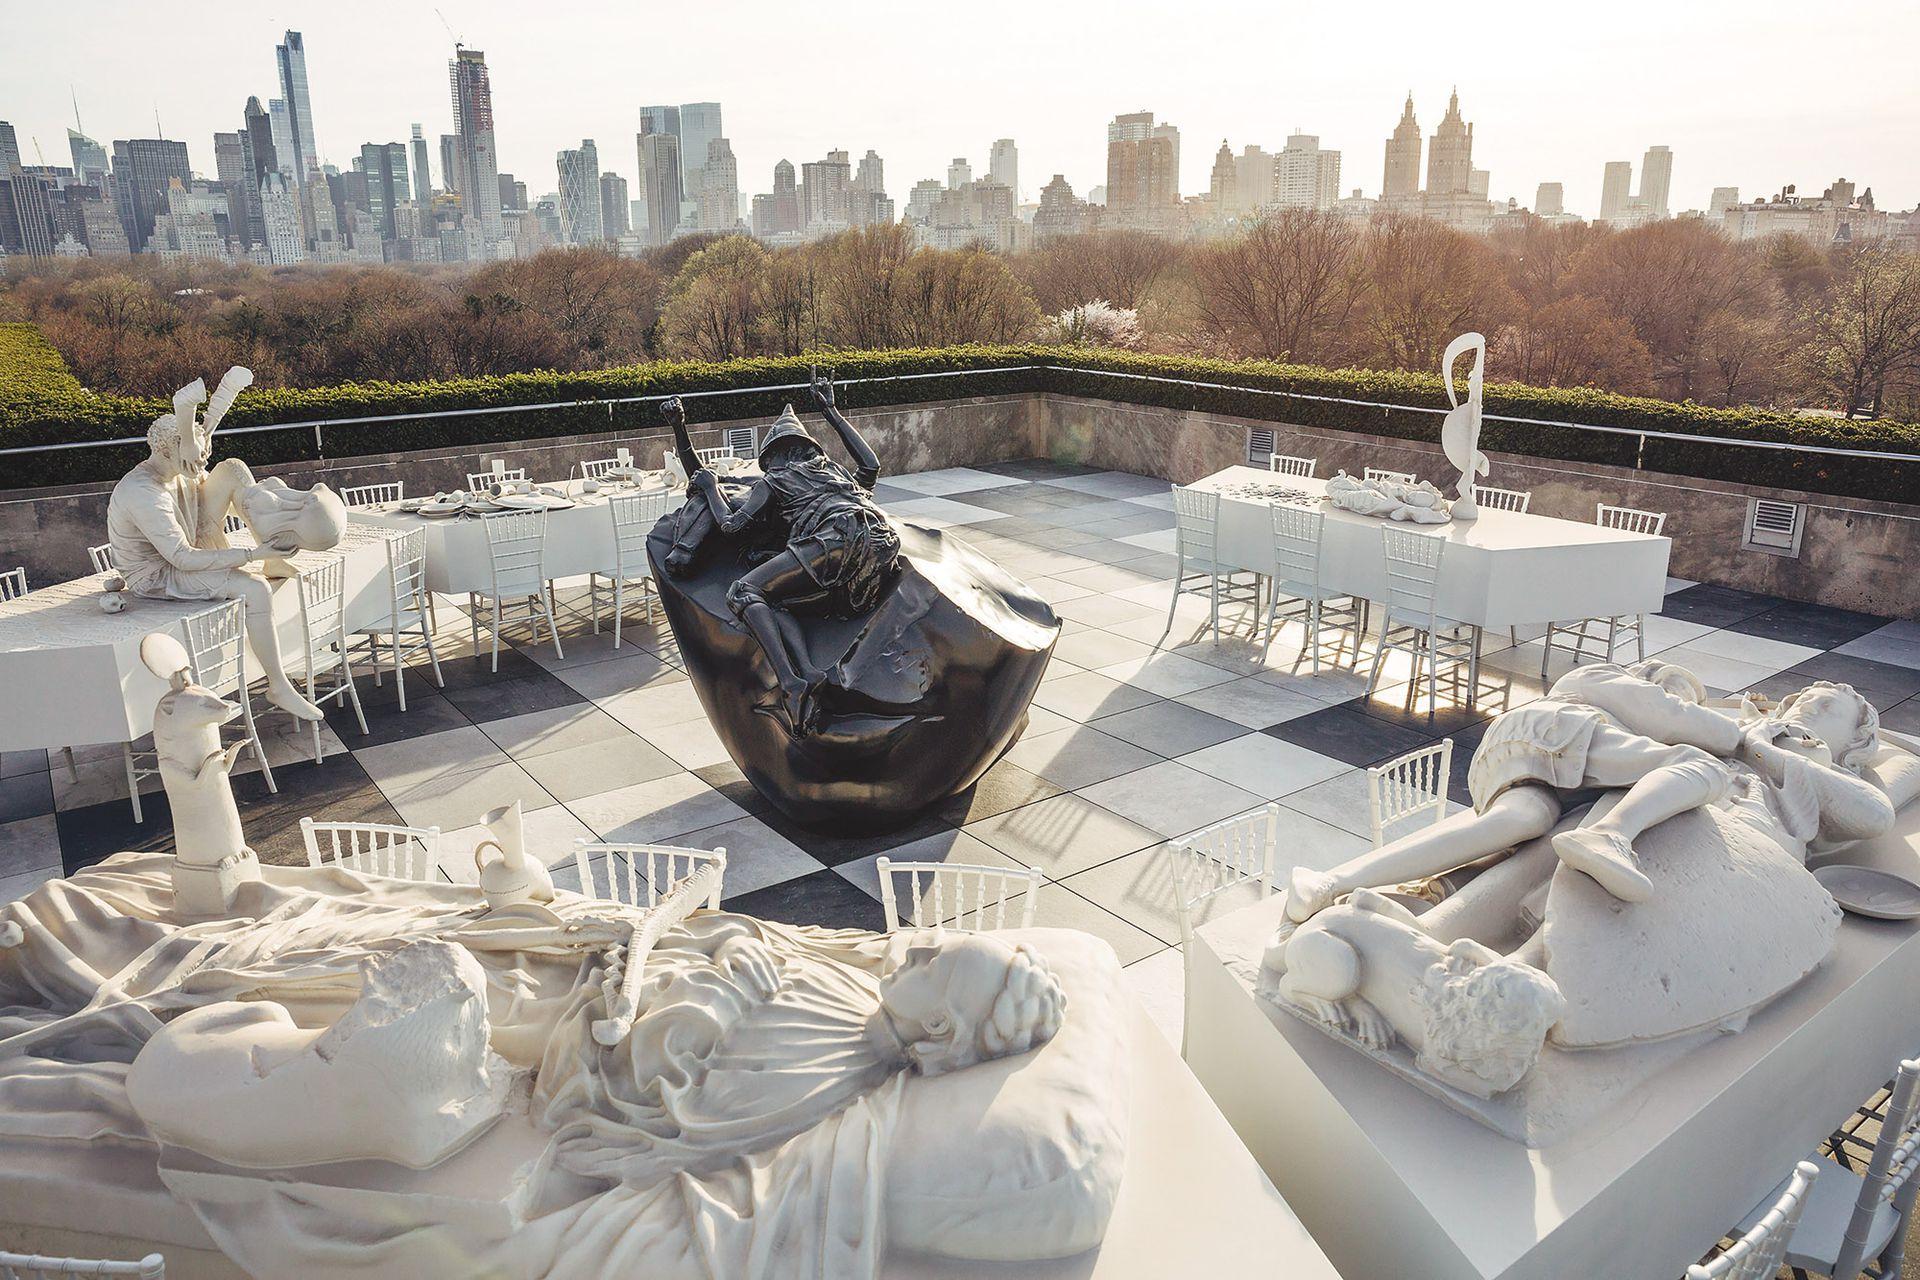 Vista de El teatro de la desaparición en la terraza del Museo Metropolitano de Nueva York (2017)